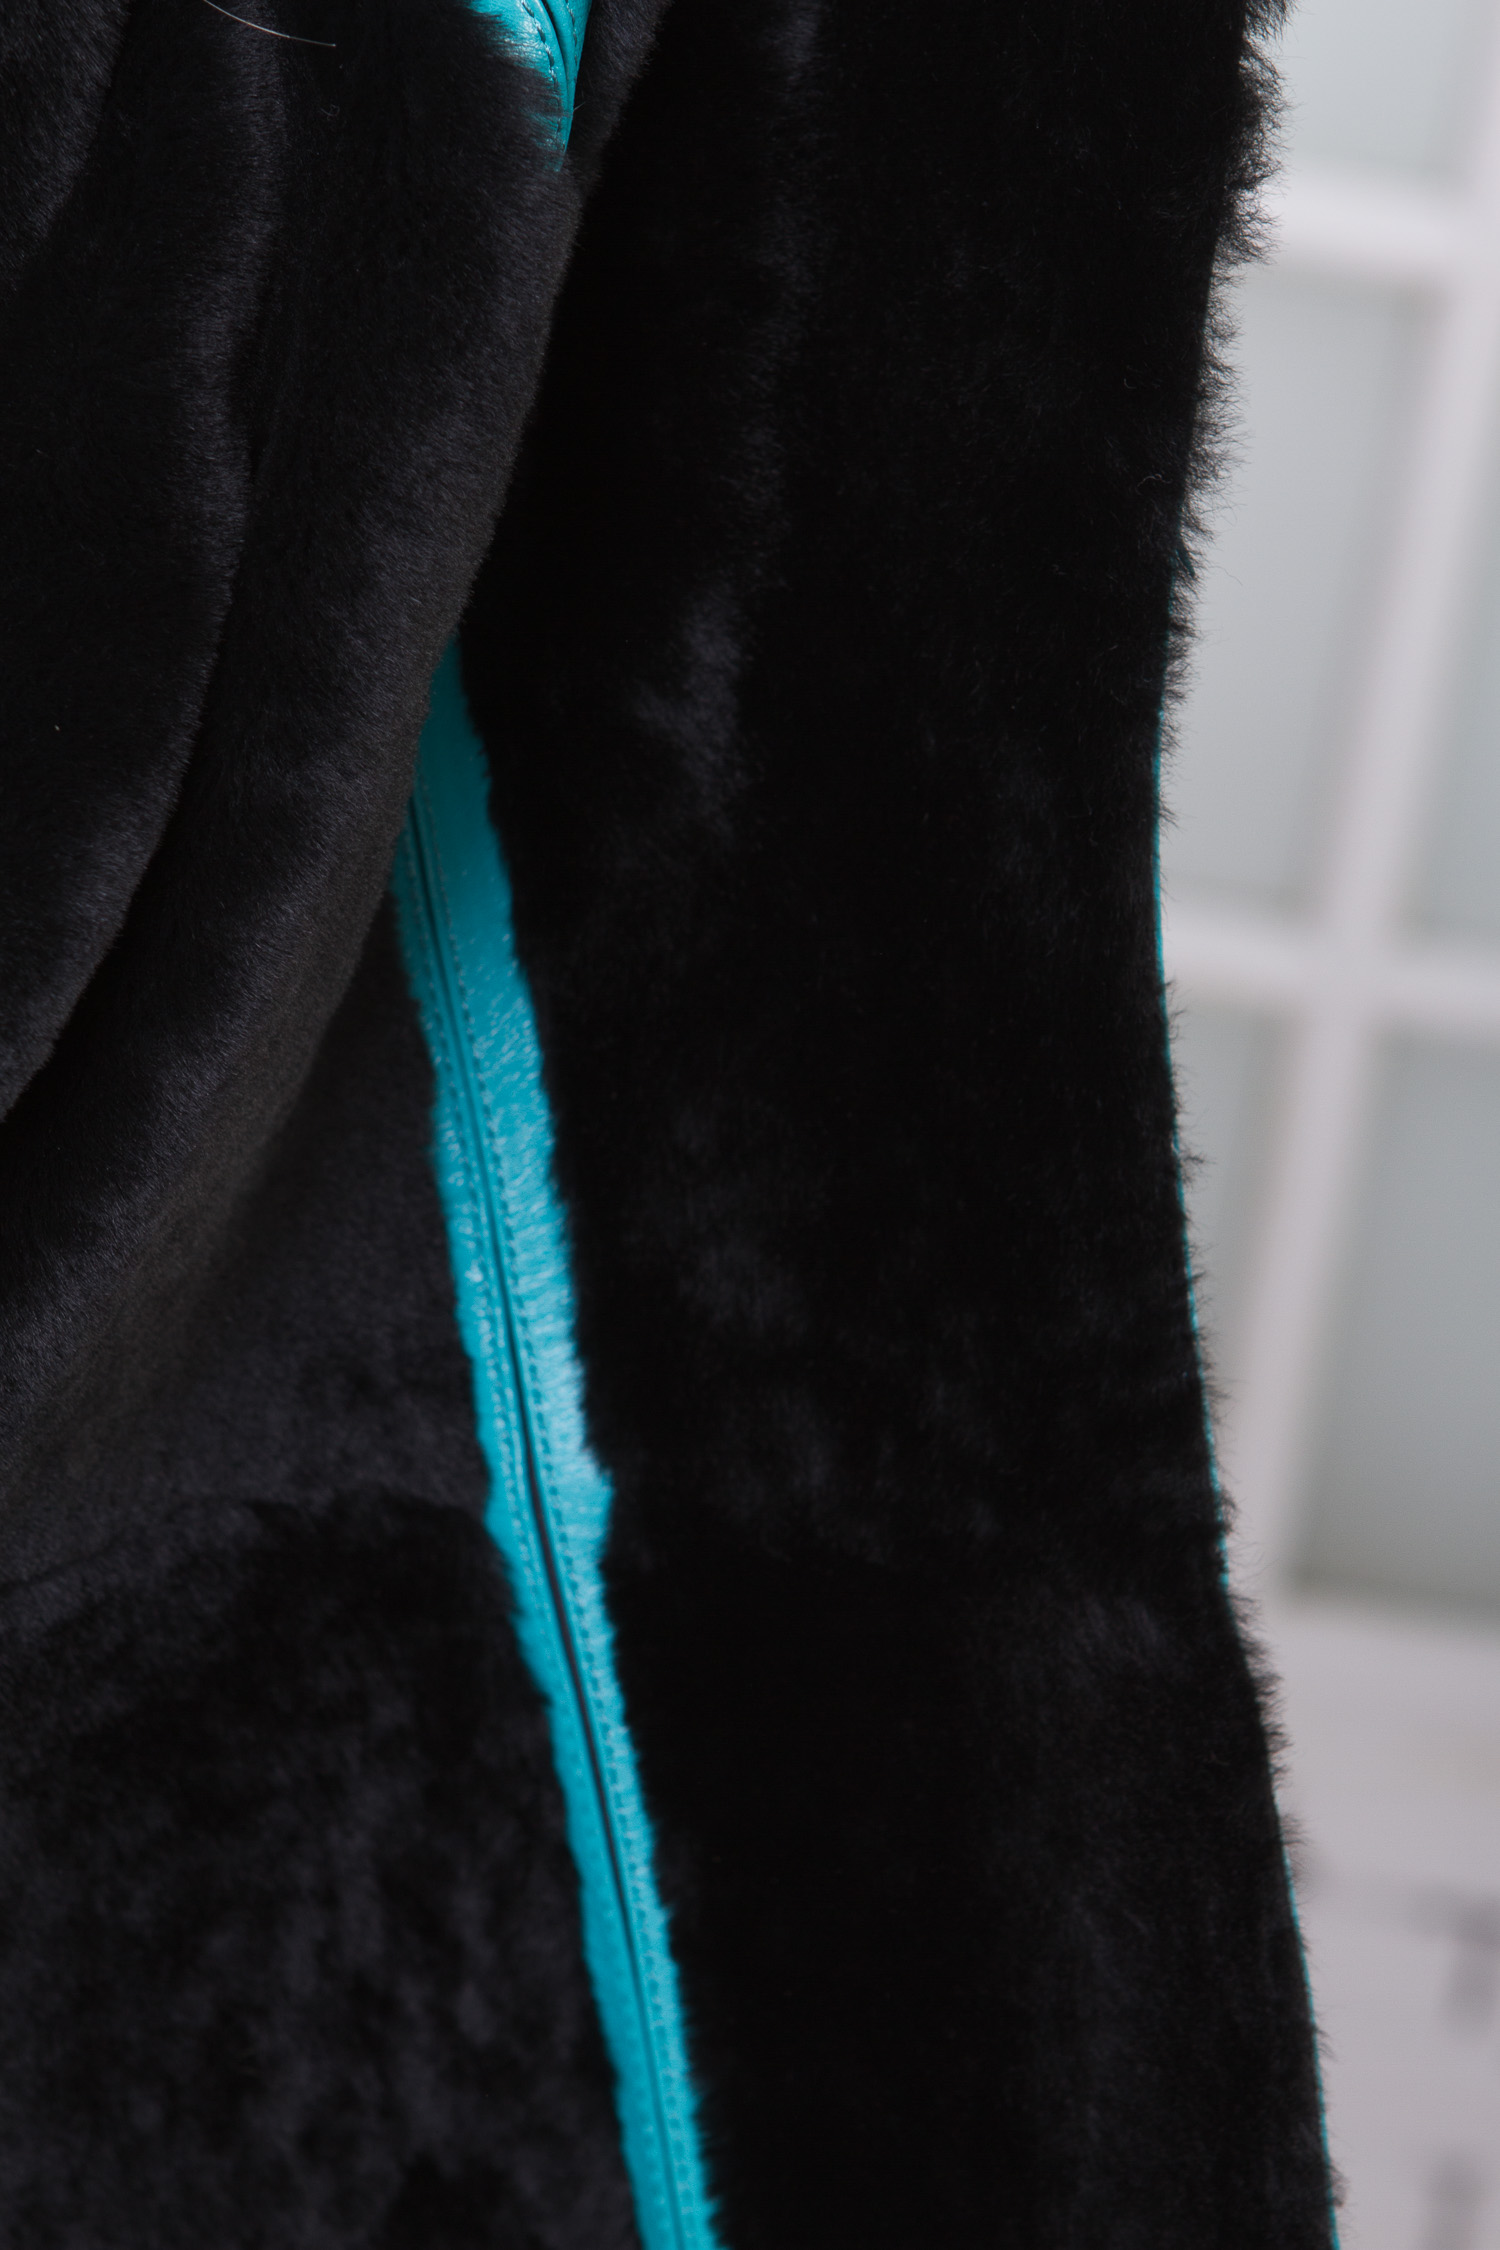 Фото 7 - Женская кожаная куртка из натуральной кожи на меху с капюшоном от МОСМЕХА бирюзового цвета